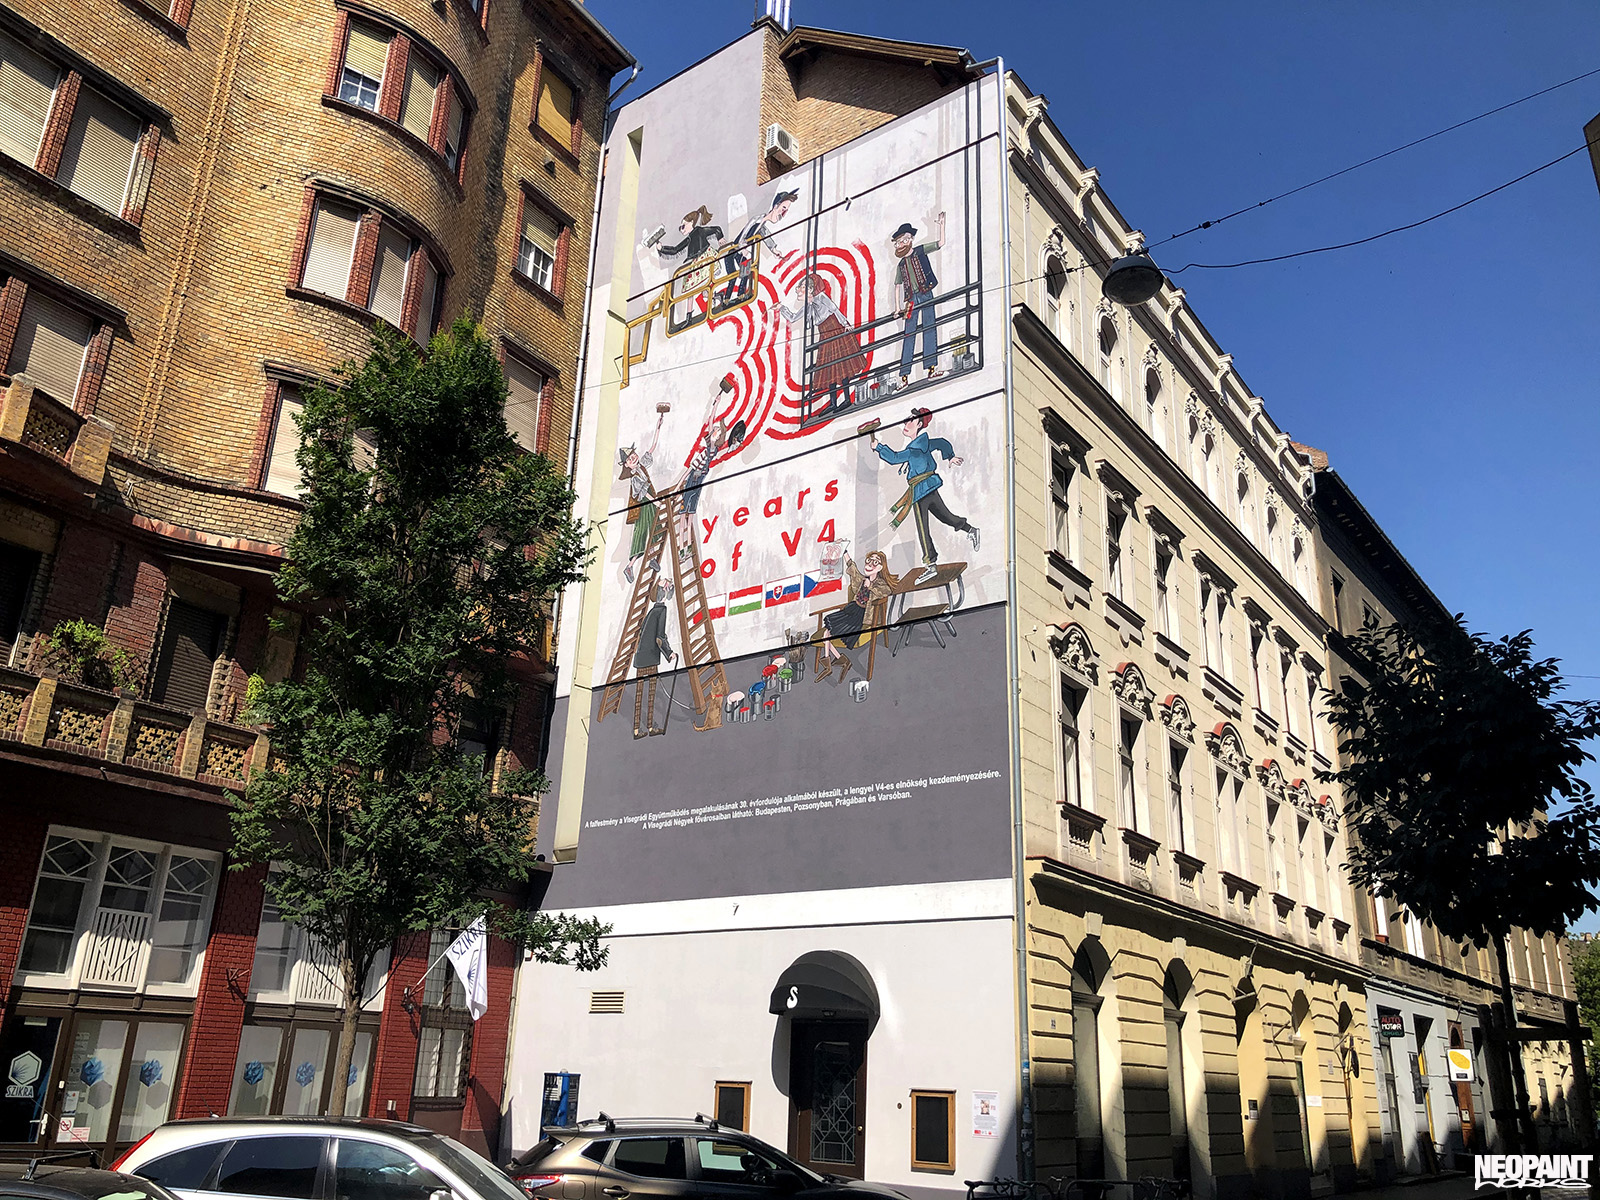 tűzfalfestés - tűzfalfestmény - köztéri falfestés - neopaint works - V4 - dekorfestés - budapest